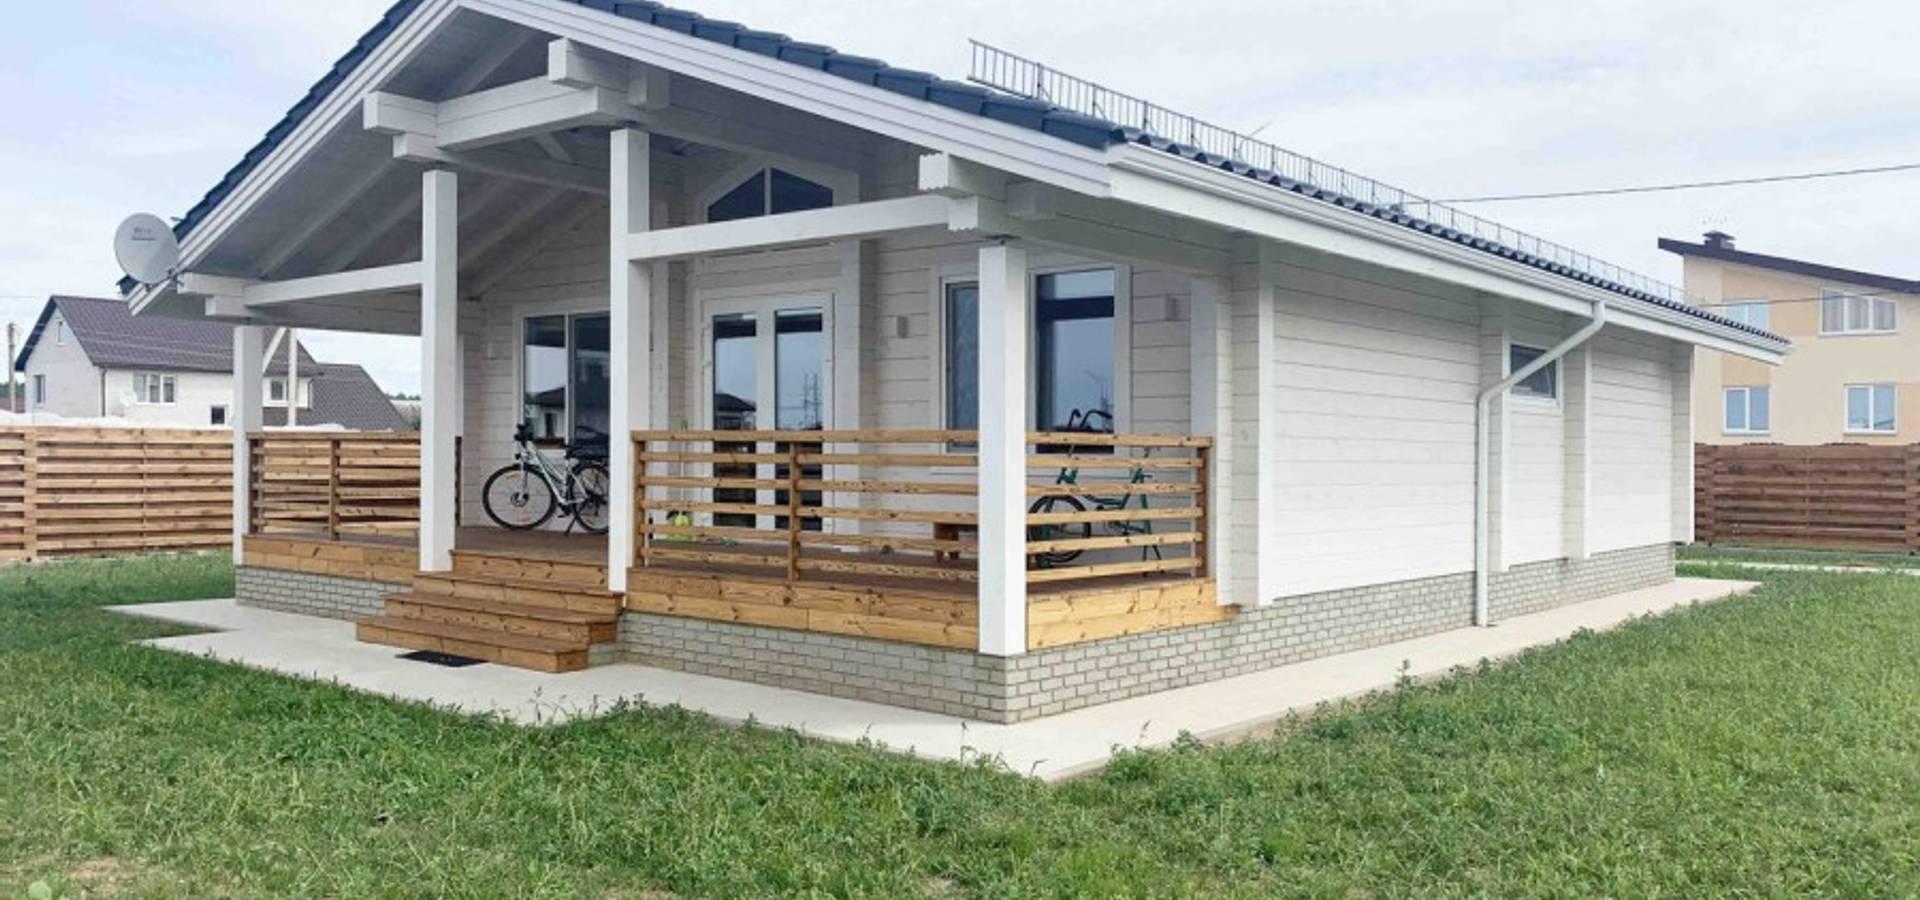 Haus Aus Holz In Polen Sonnenschein By Holzhaus Archiline Homify